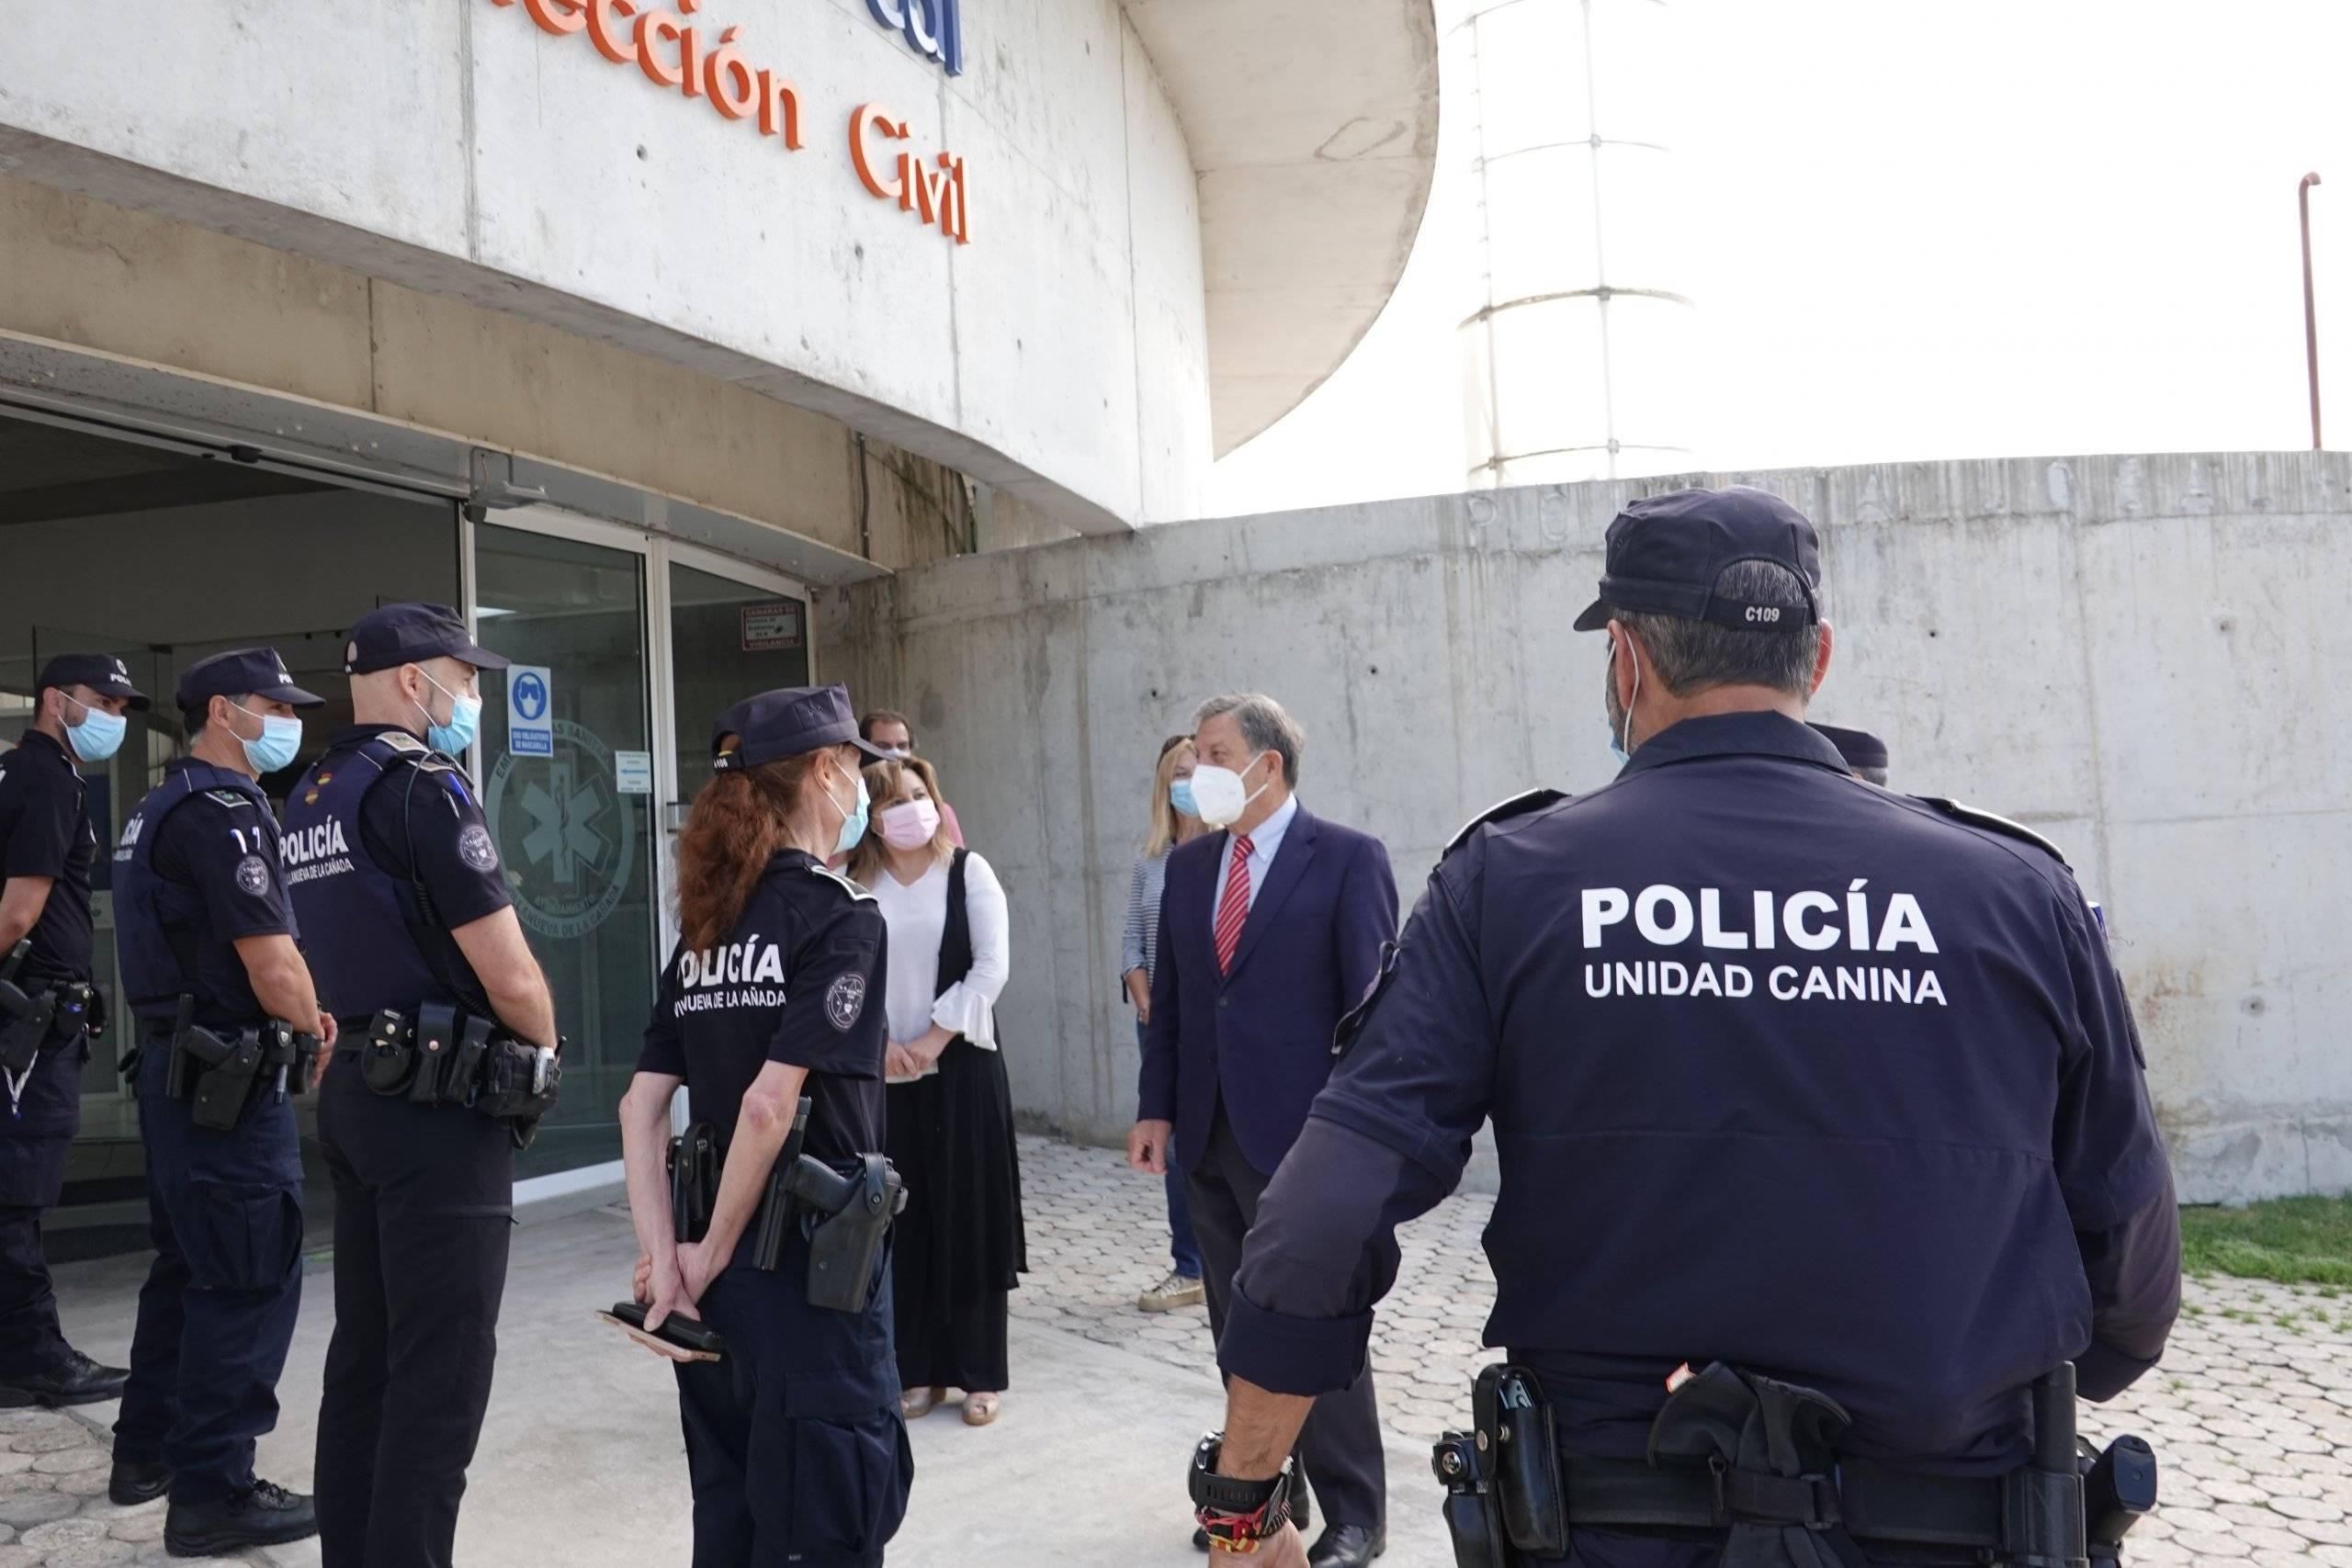 El regidor y la concejala de Seguridad durante su visita.